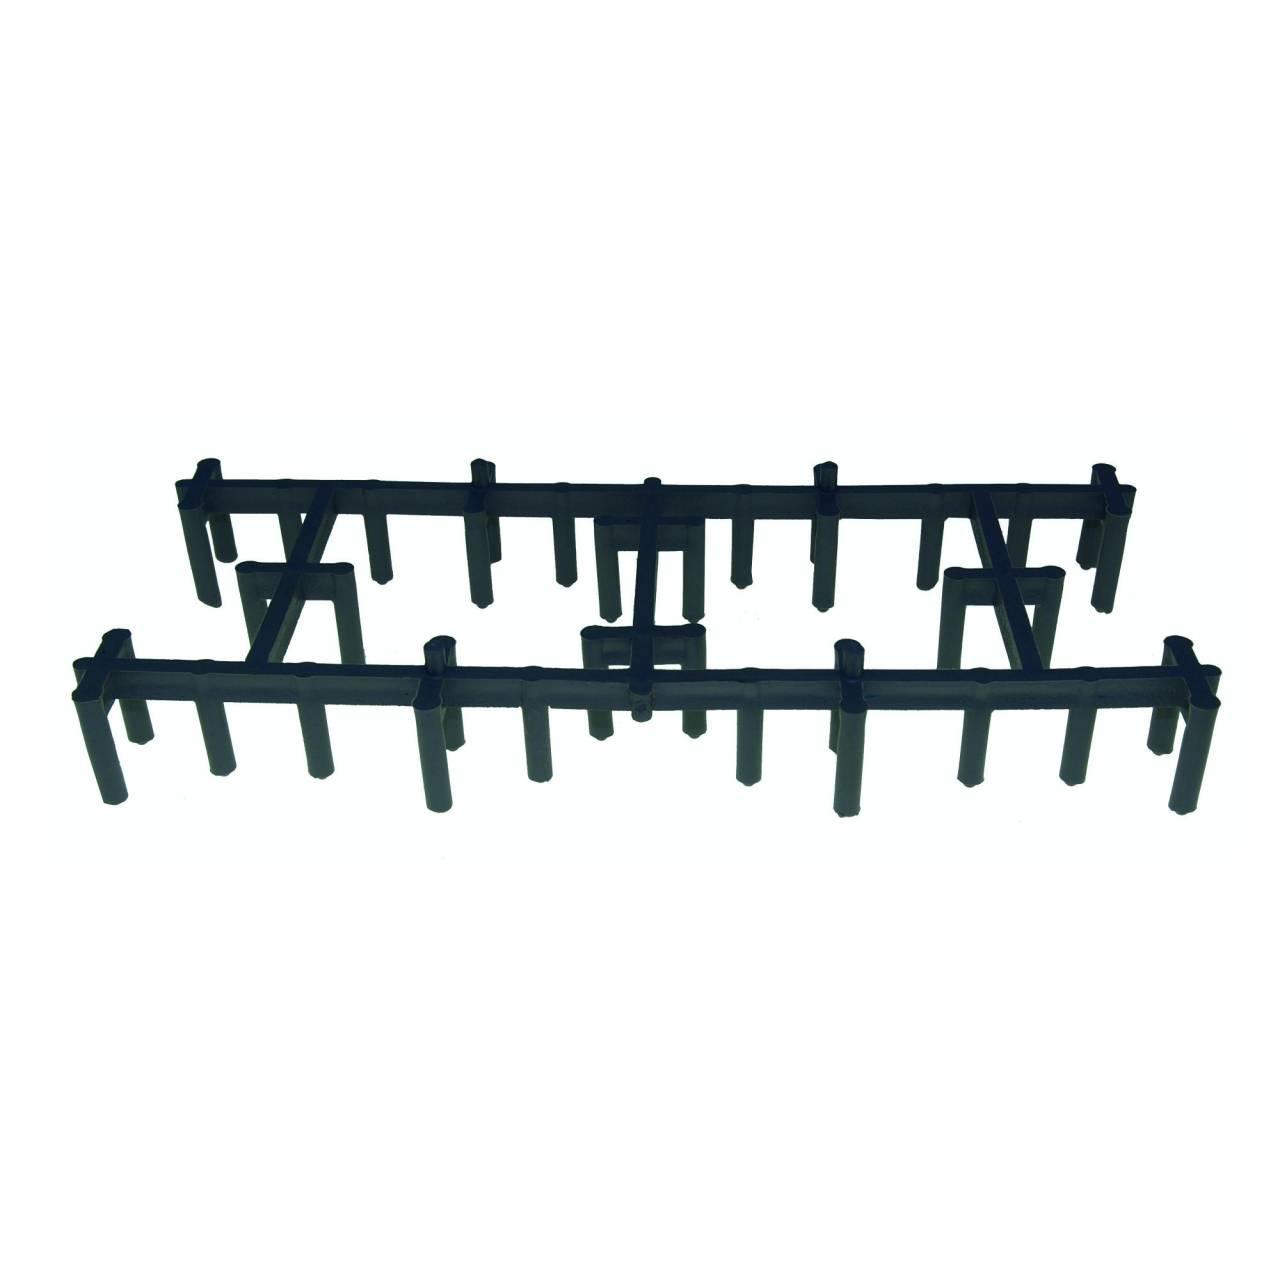 Rhombus-25 Flächen-Armierungsabstandhalter / Sack a 250 Stück